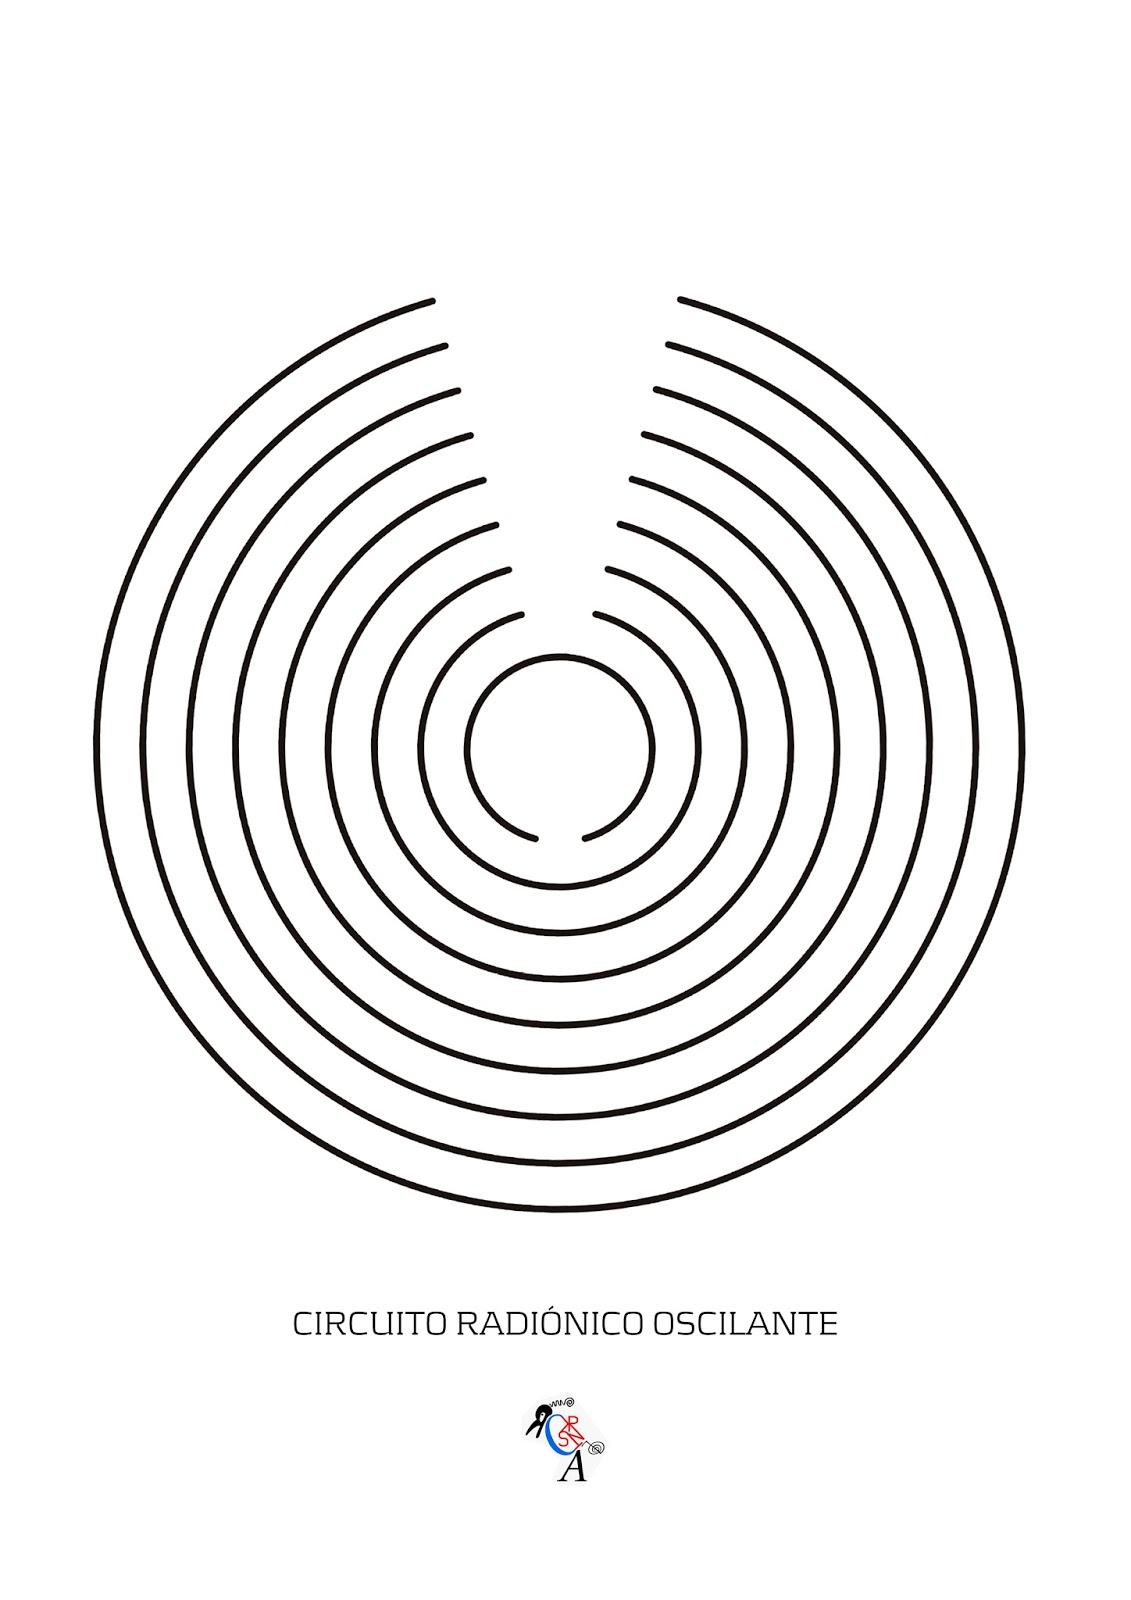 Reikiestesionica Y Brujerias Circuito Radionico Oscilante